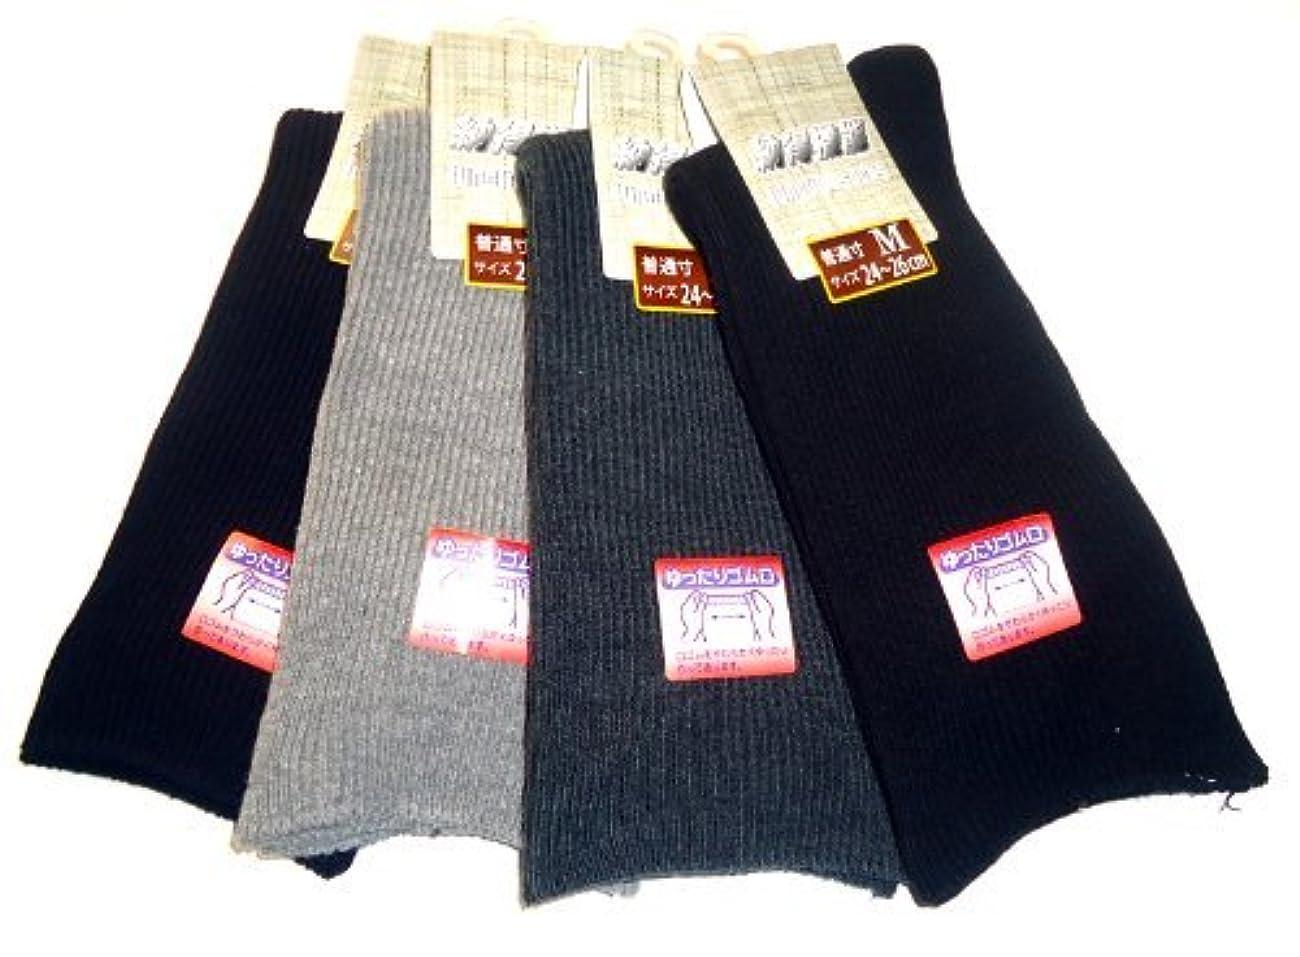 凶暴な例外応用日本製 靴下 メンズ 口ゴムなし ゆったり靴下 24-26cm お買得4色4足組